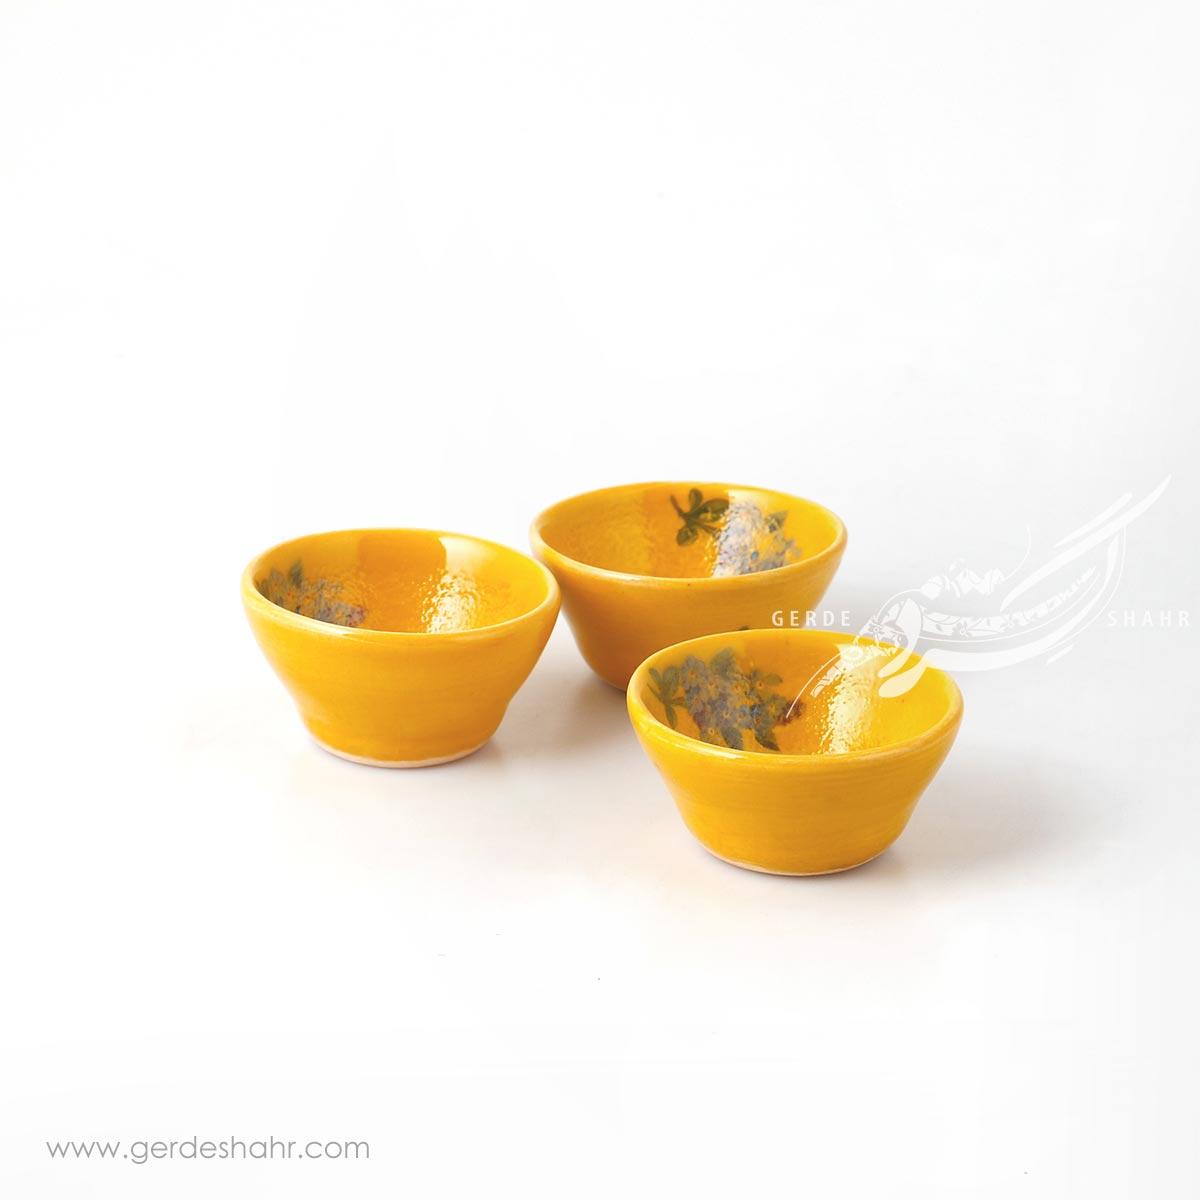 ست سه عددی کاسه خیلی کوچک زرد گلدار ماه فروز محصولات